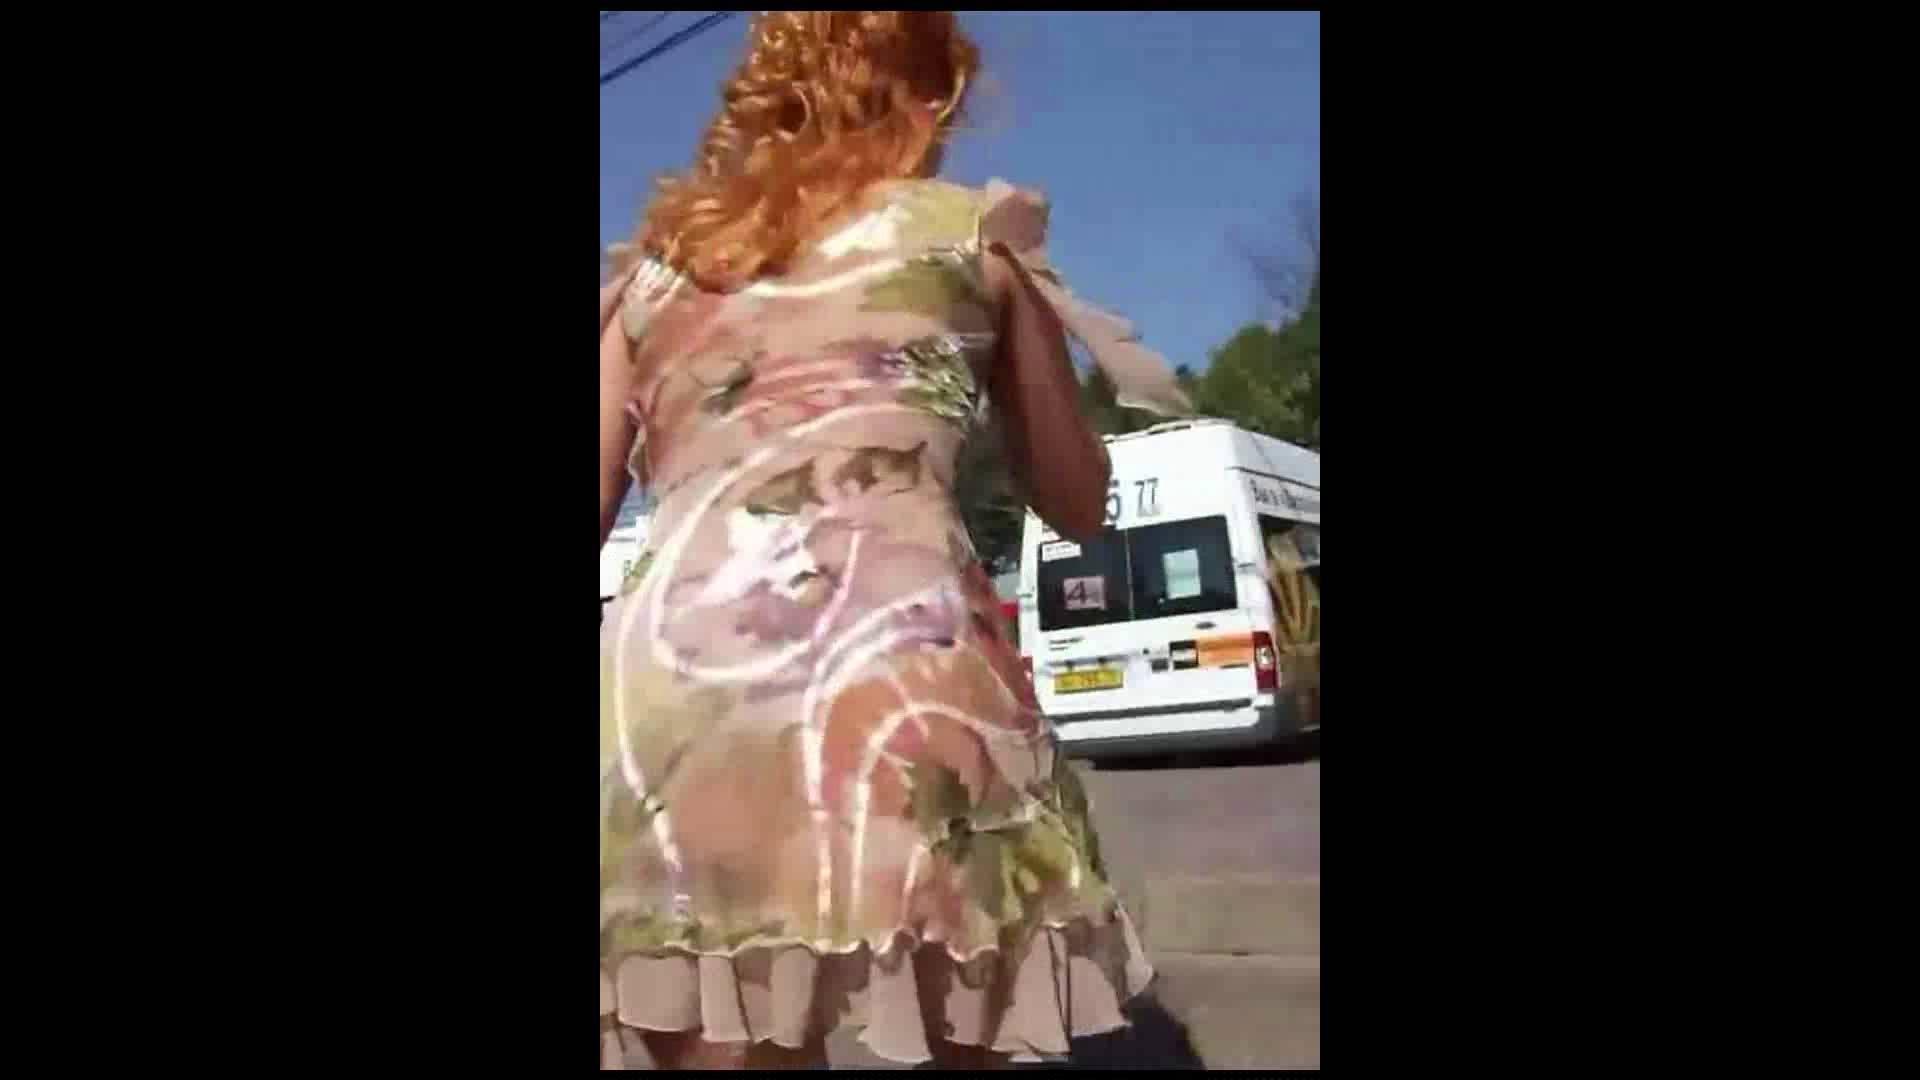 綺麗なモデルさんのスカート捲っちゃおう‼vol03 Hなお姉さん   HなOL  87pic 49